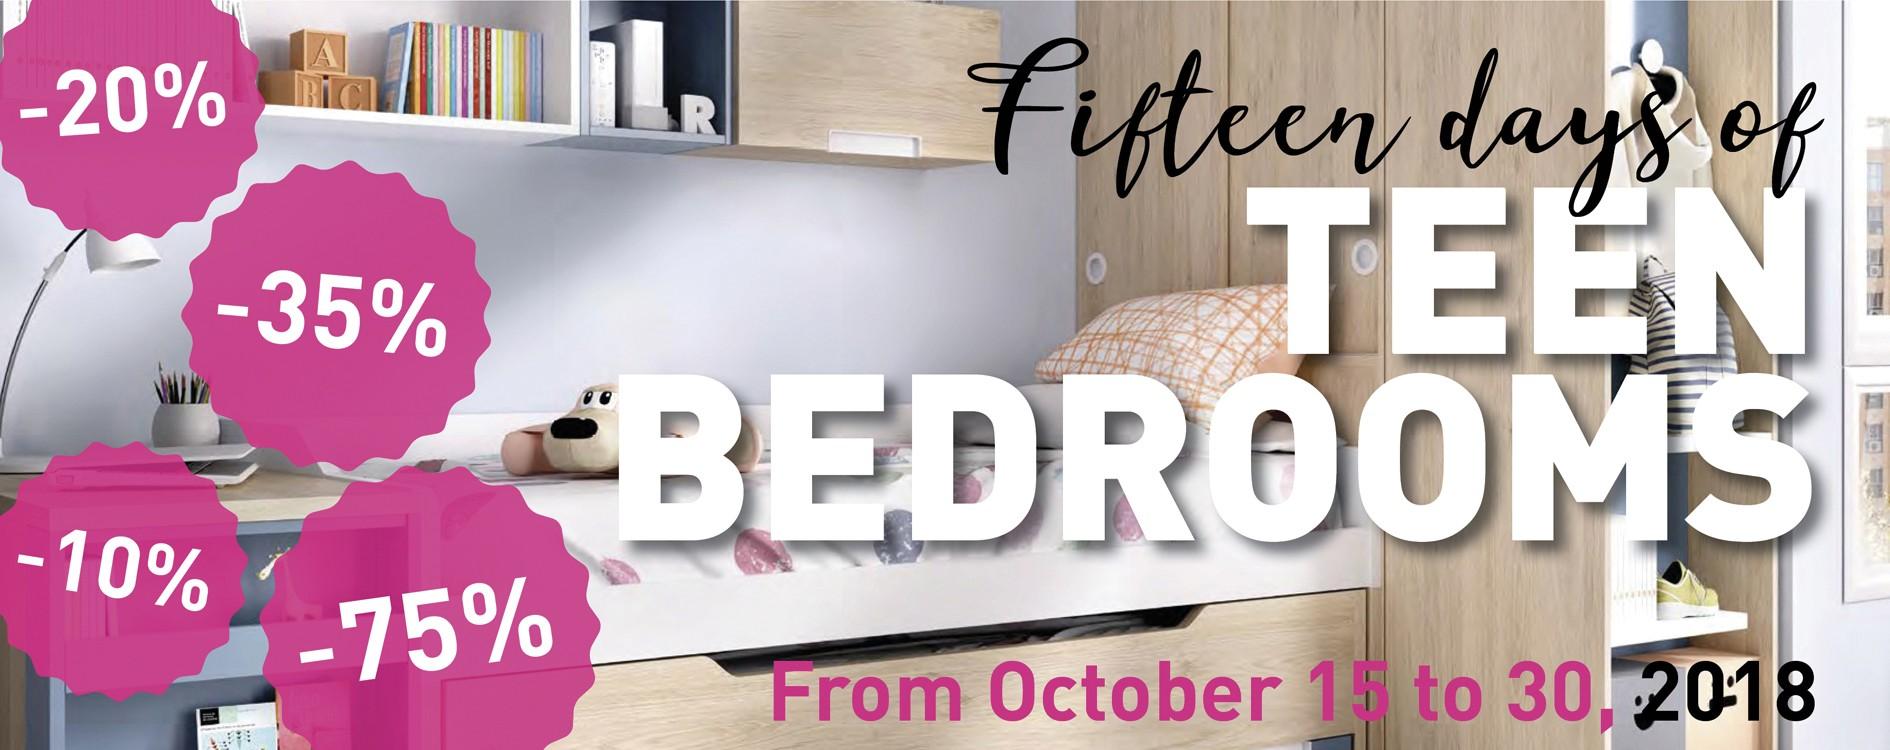 Fiteen days of teen bedrooms